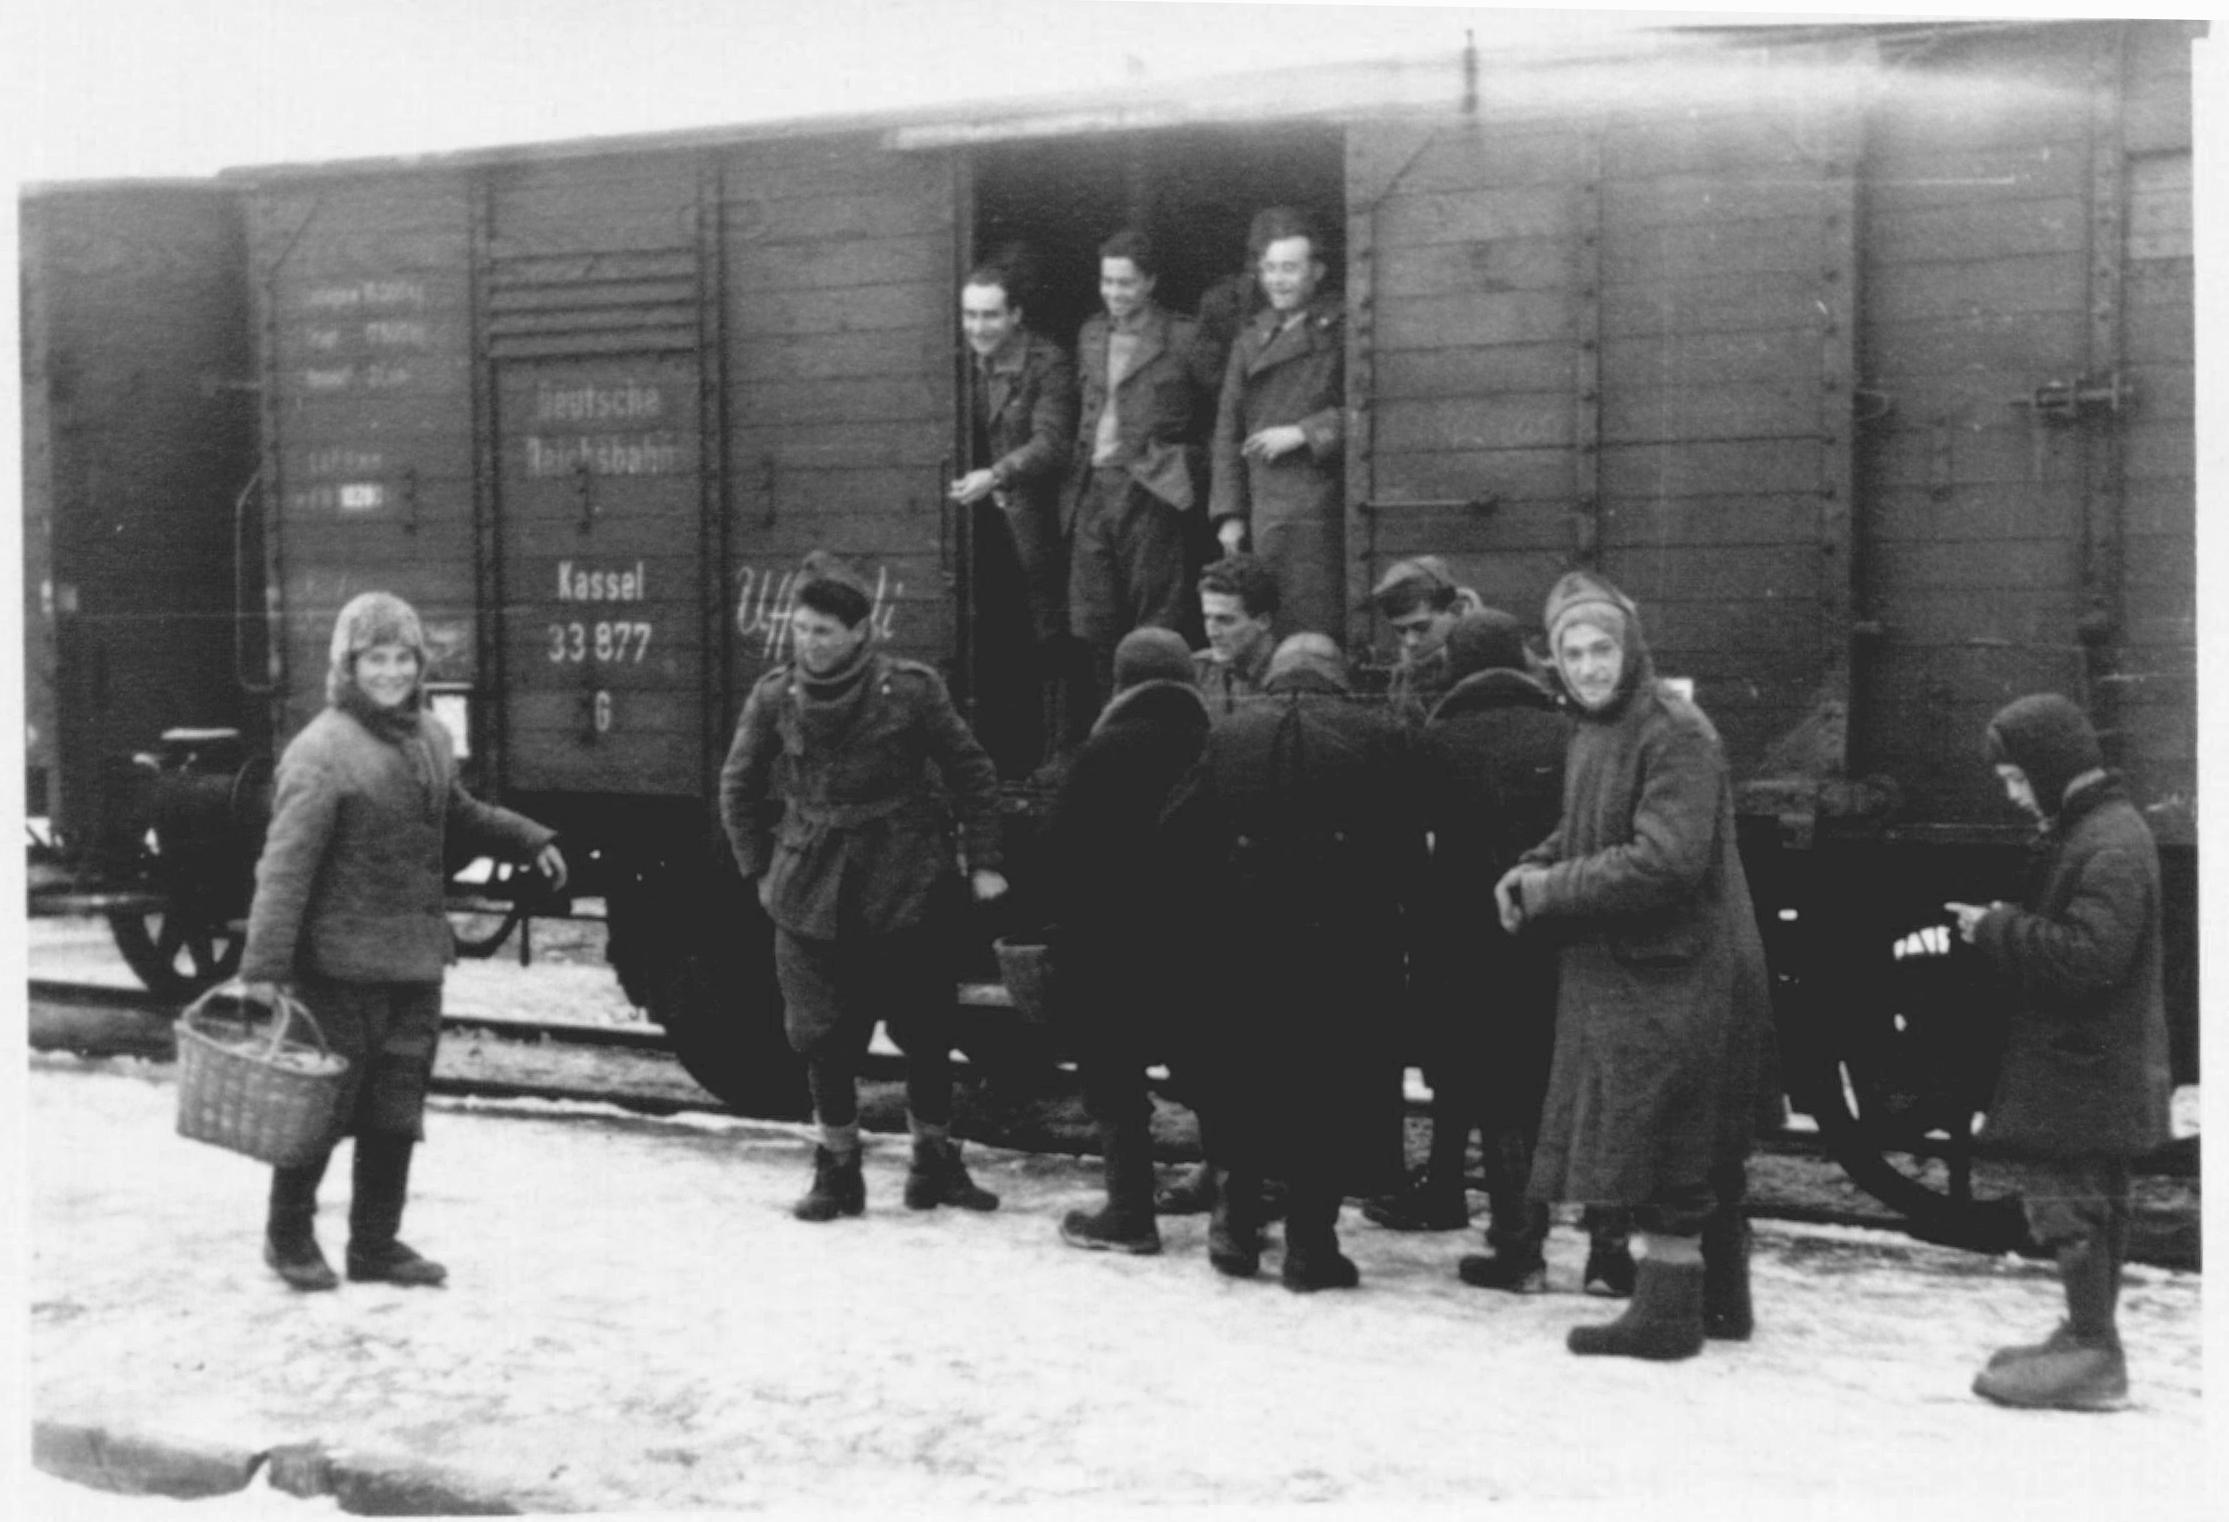 1942. Итальянские солдаты что-то покупают у местных жителей на украинской железнодорожной станции